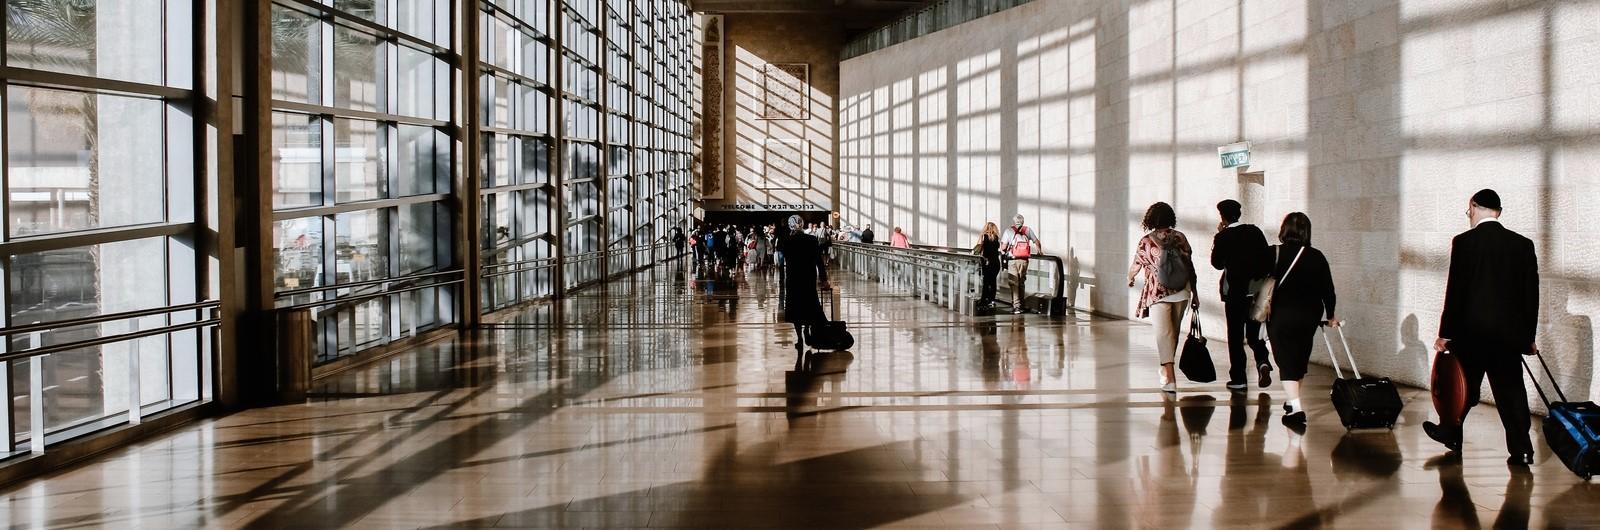 airport generic 4